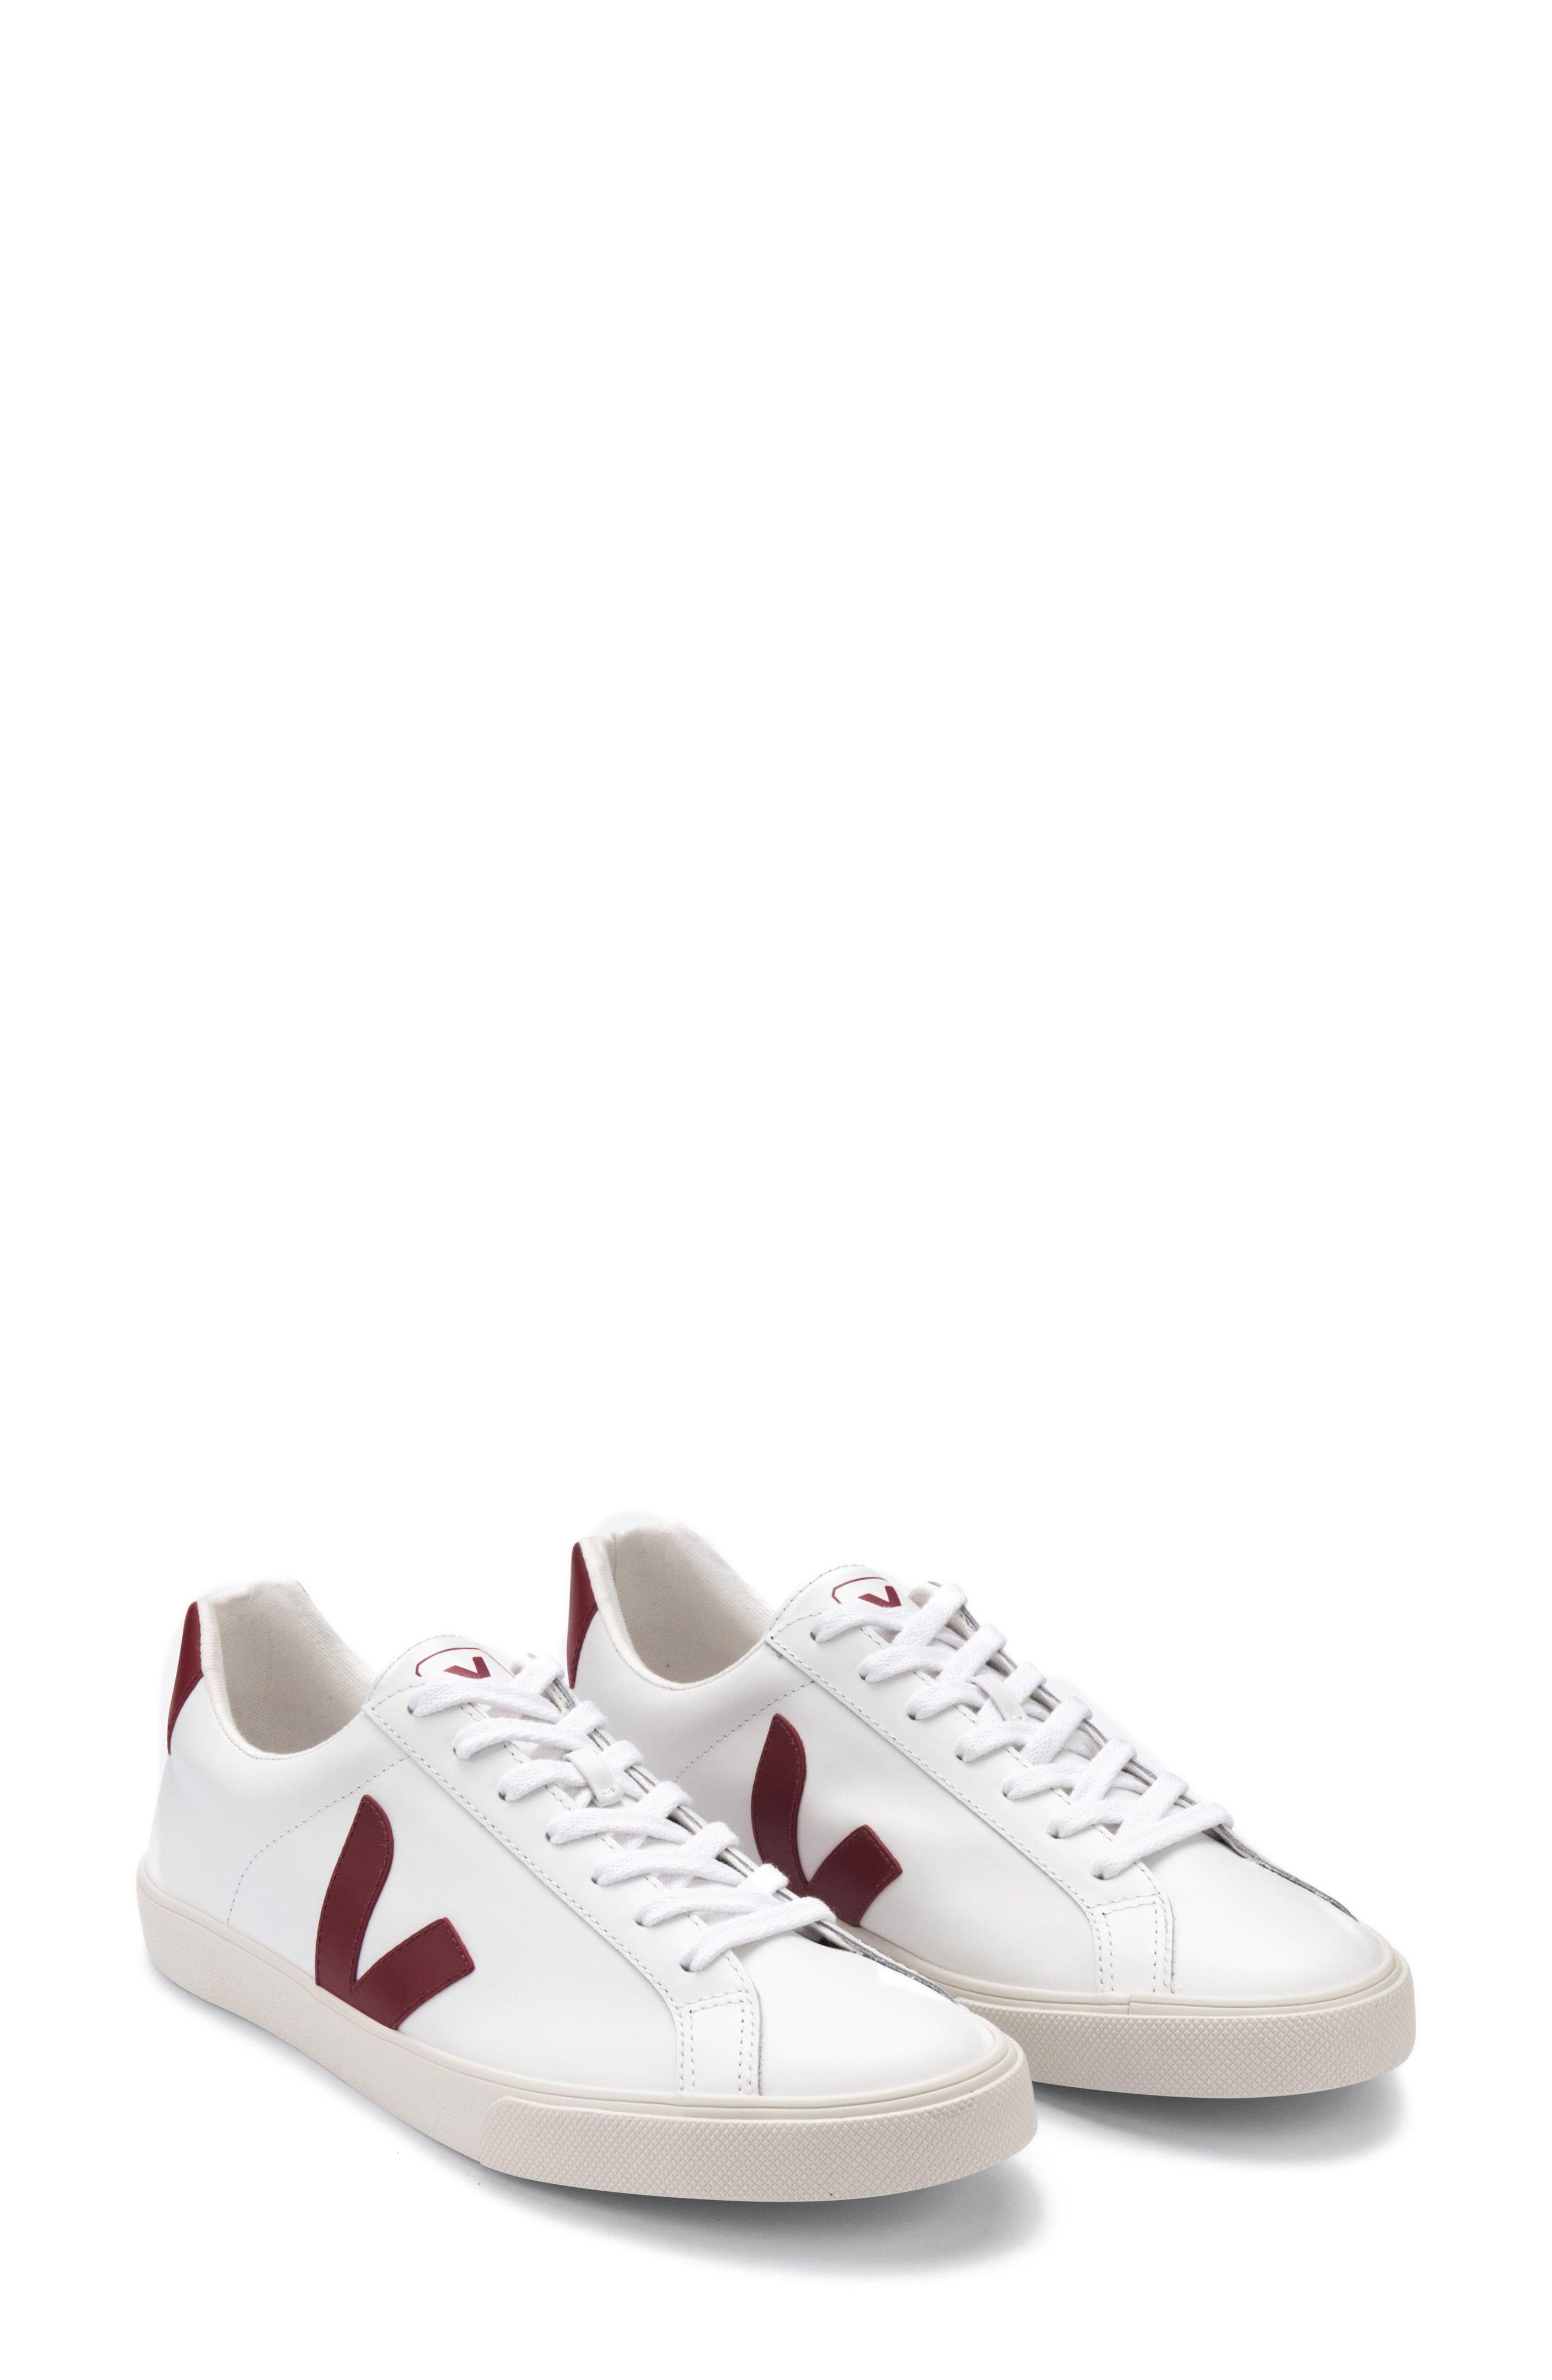 Veja Esplar Sneaker available at